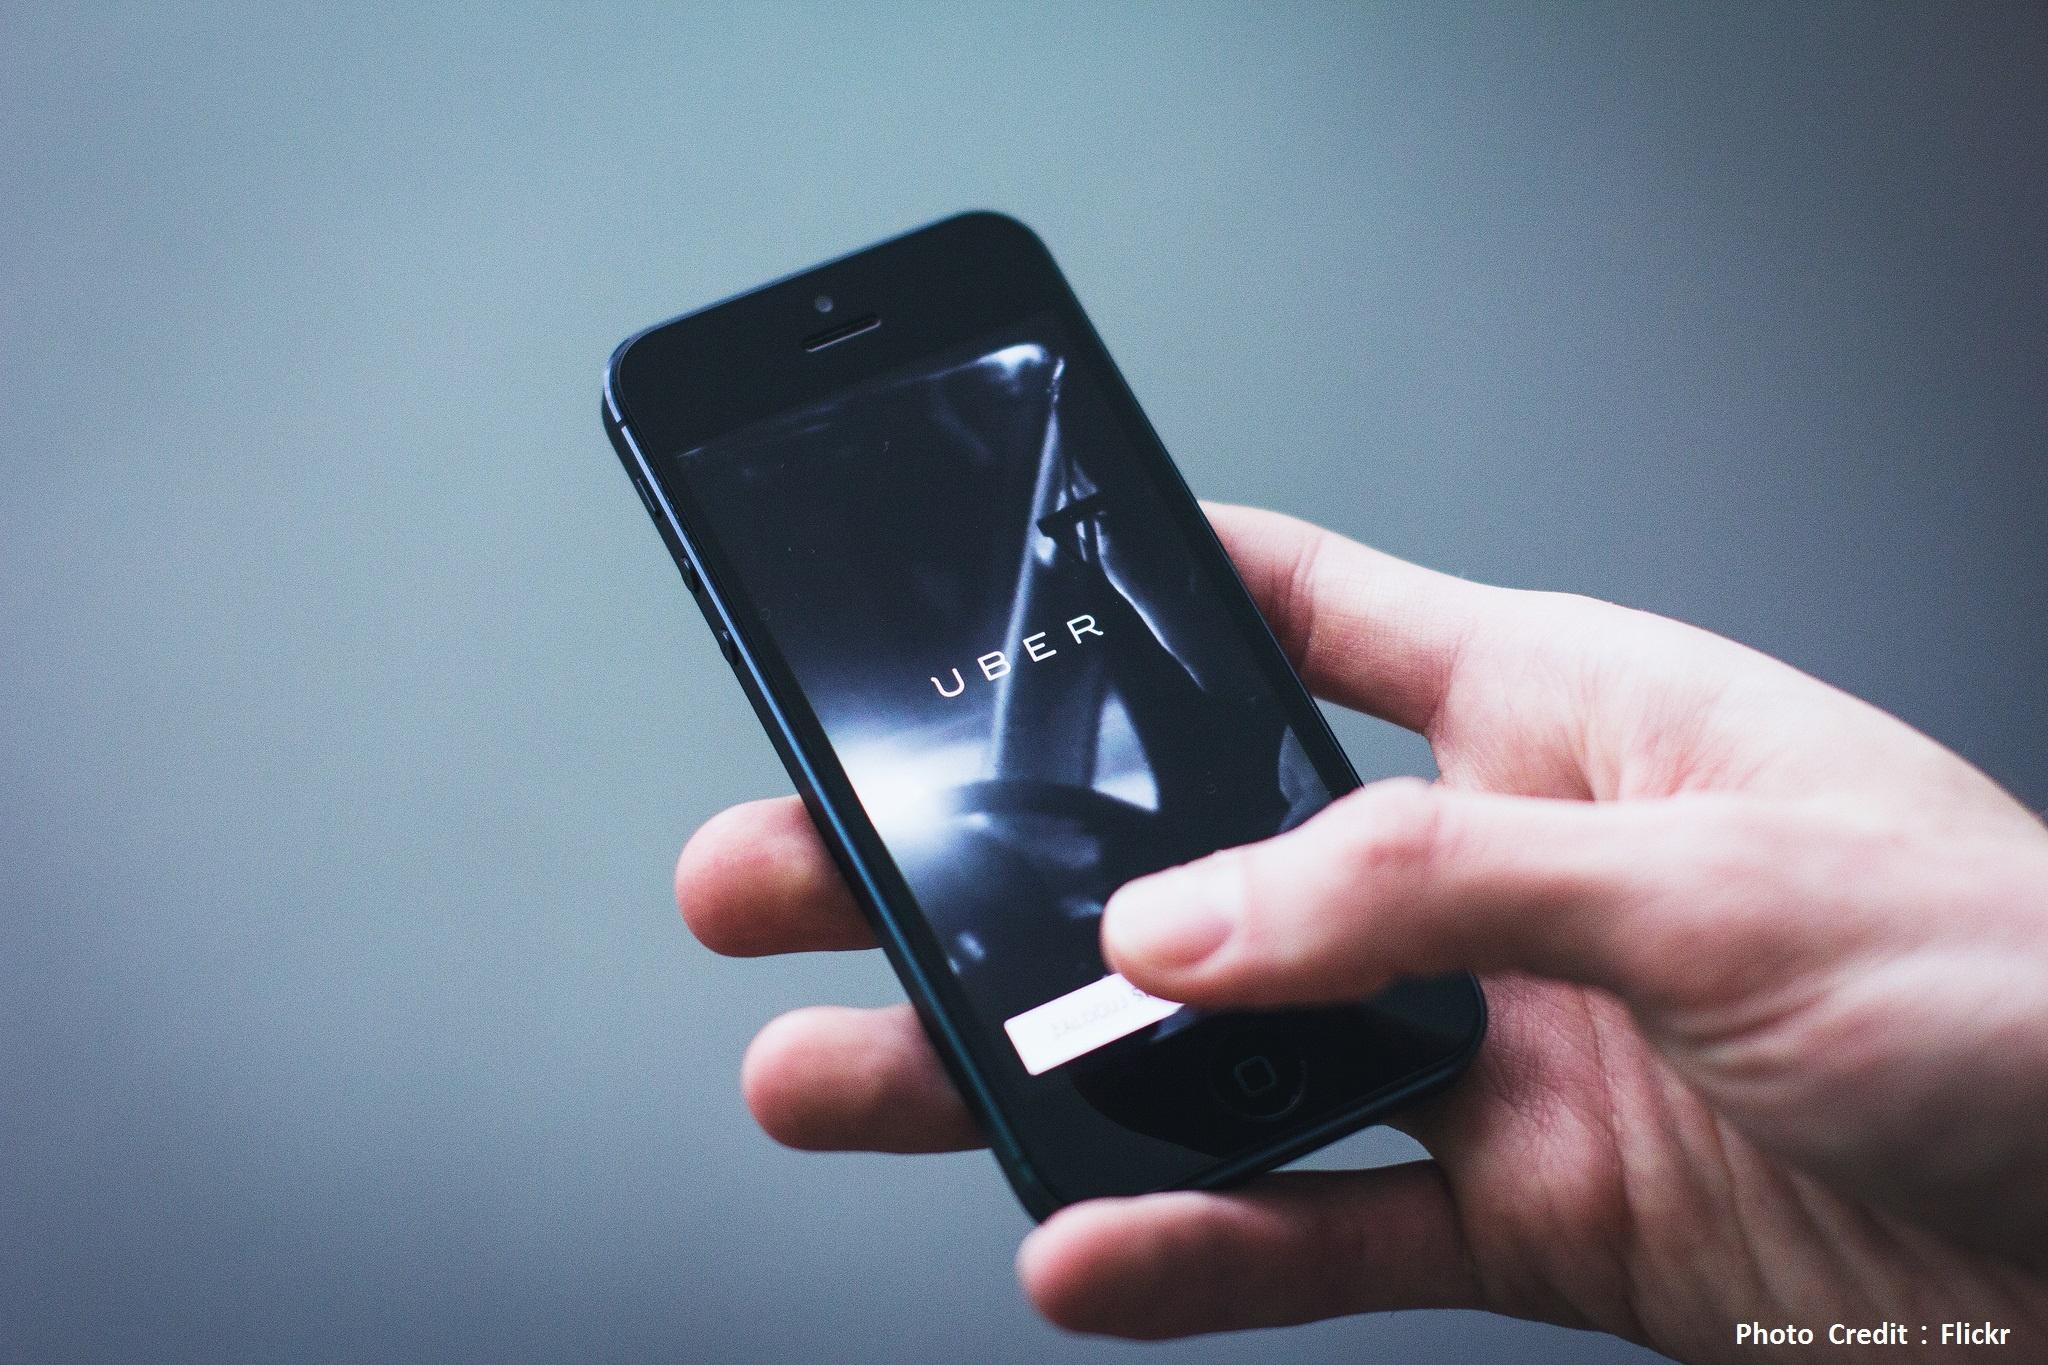 從經營模式分析,Uber會是下一家大起大落的公司嗎?